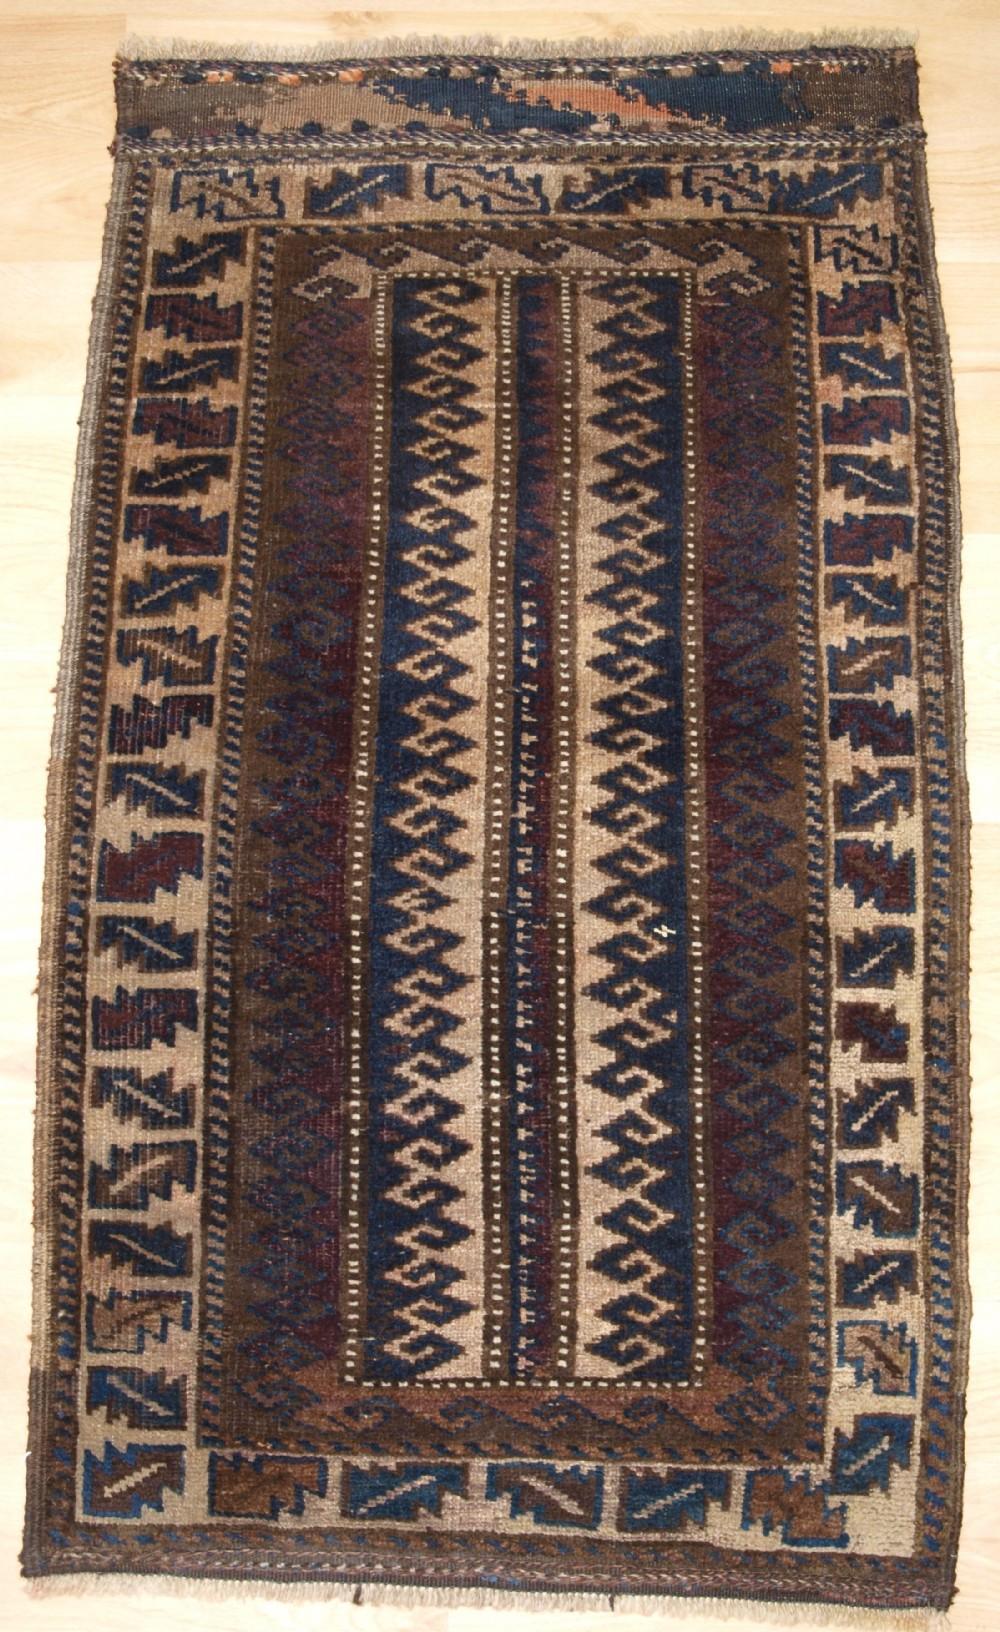 antique afghan baluch balisht grain bag face small rug circa 1900